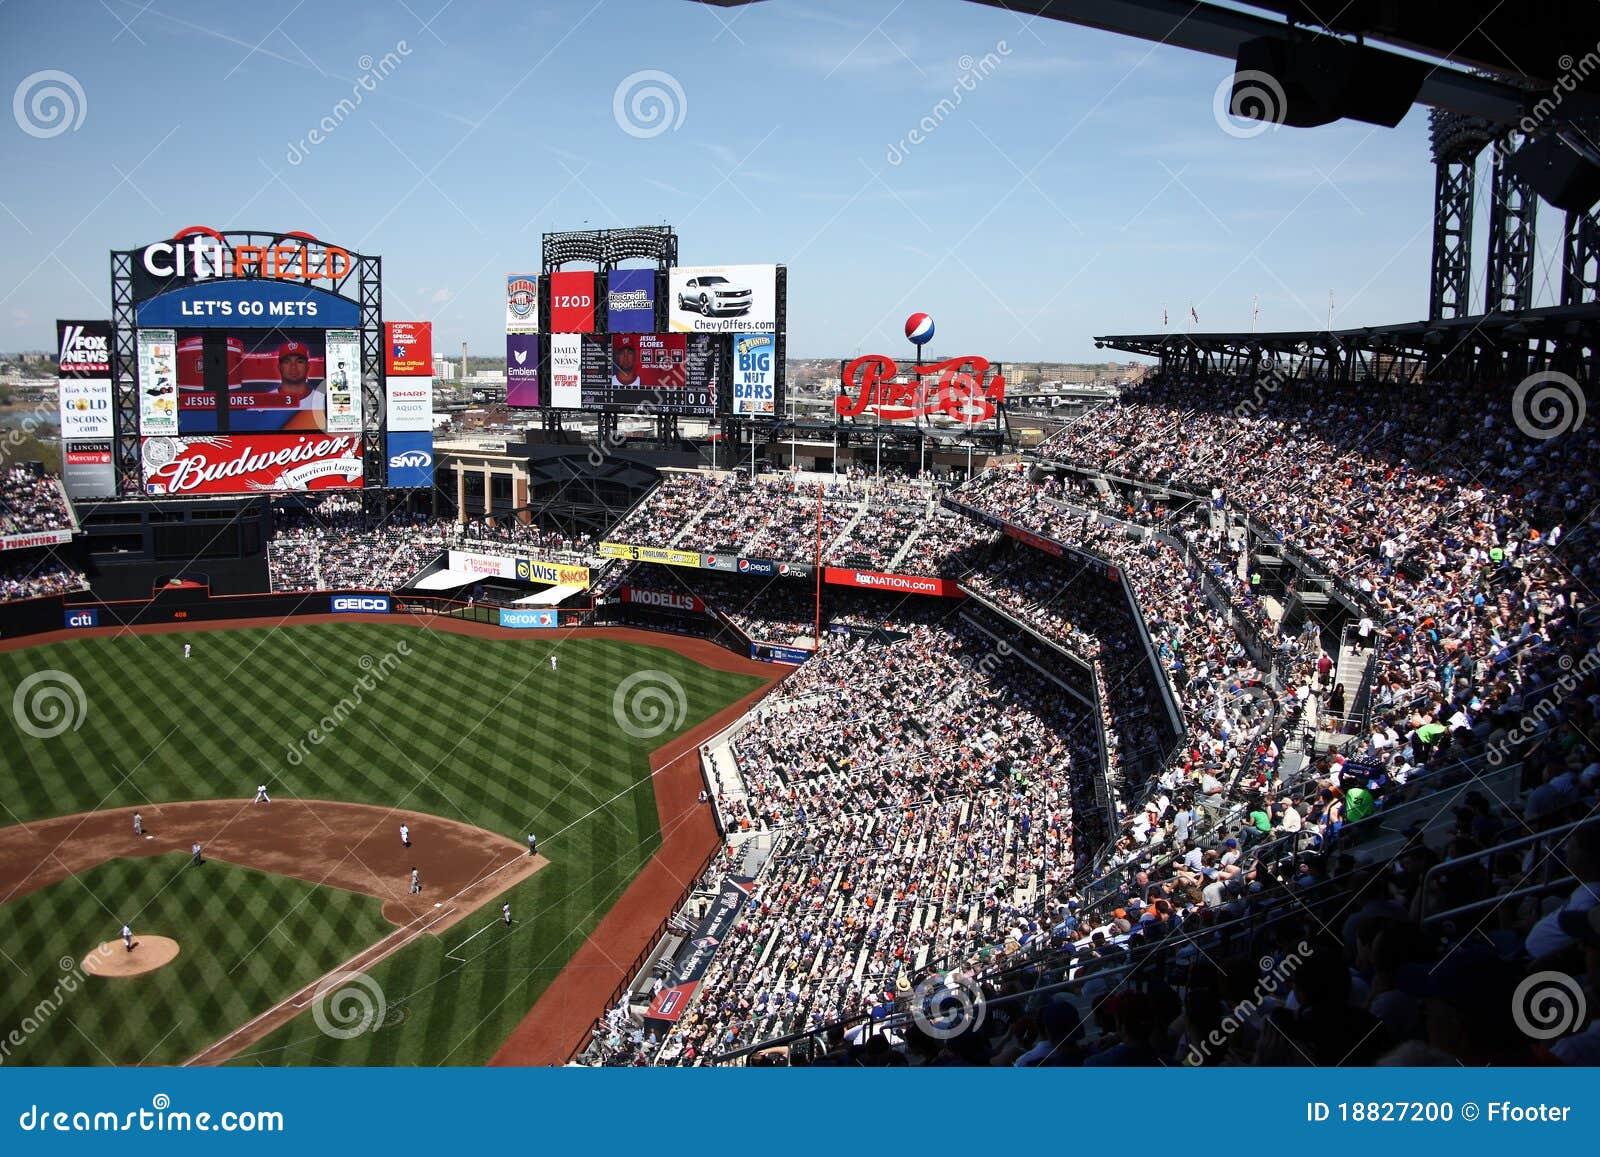 Campo de Citi - New York Mets